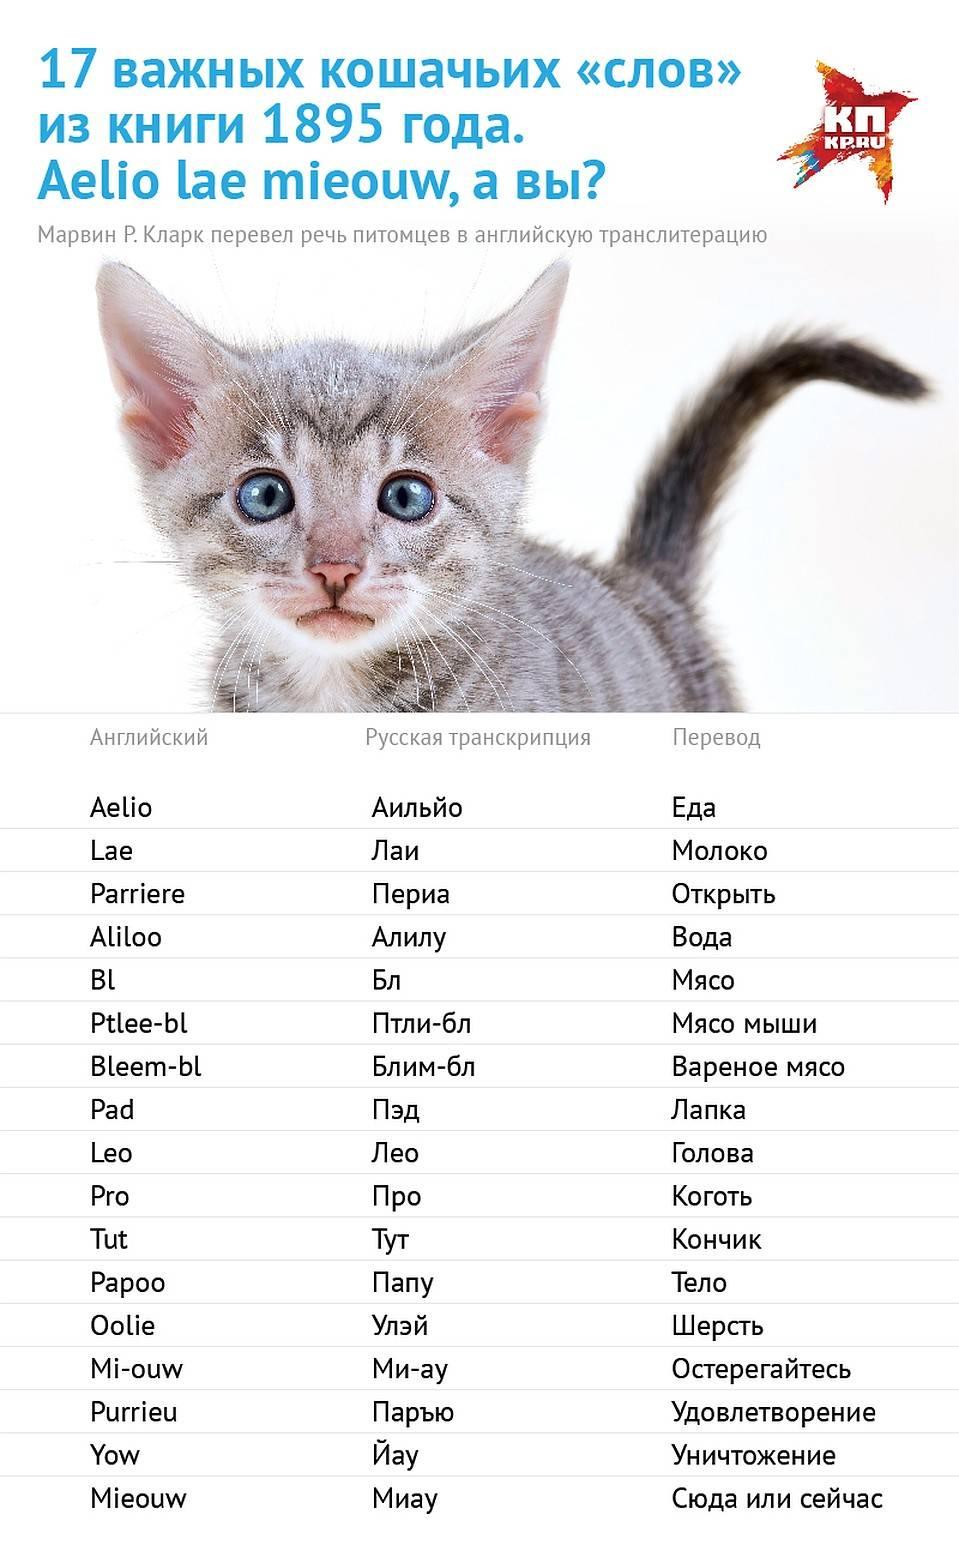 Как назвать кота белого цвета: перечень популярных, красивых и прикольных кличек